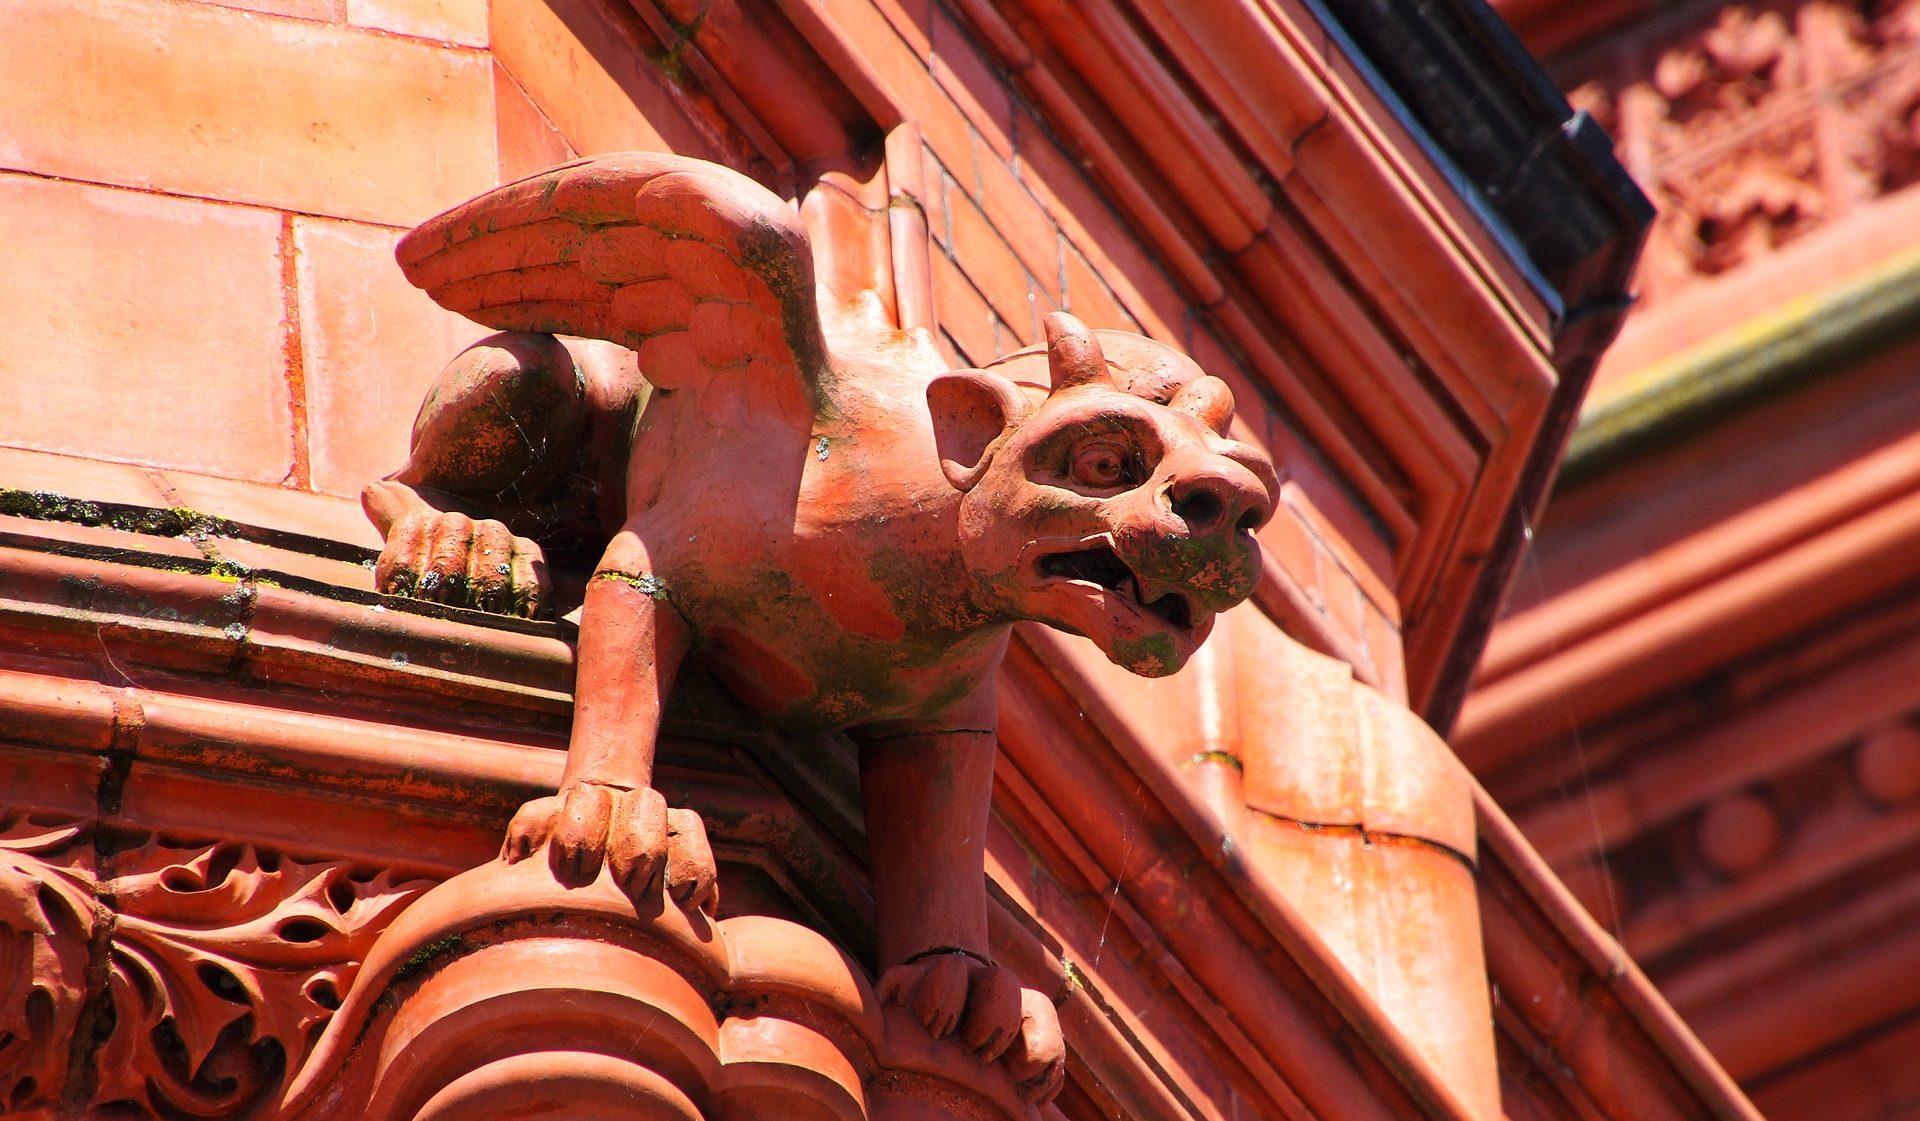 Горгулья, Камень, скульптура, здание, Крылья - Обои HD - Профессор falken.com